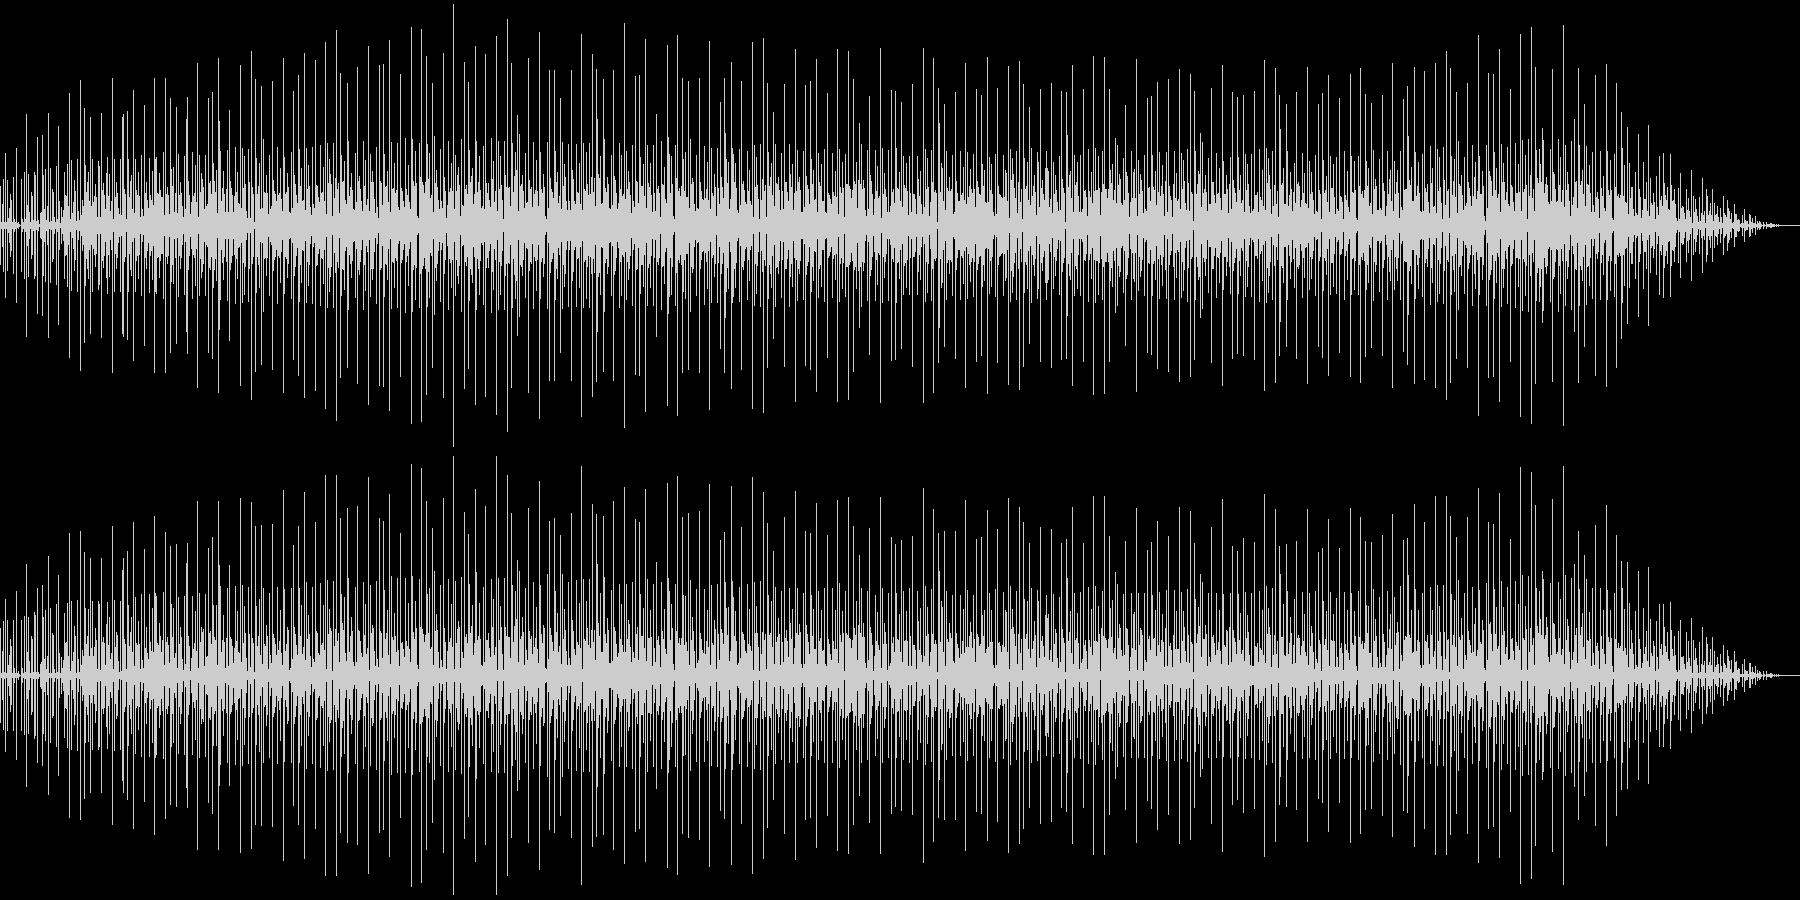 ゆったりとしたテンポのR&B調の曲の未再生の波形